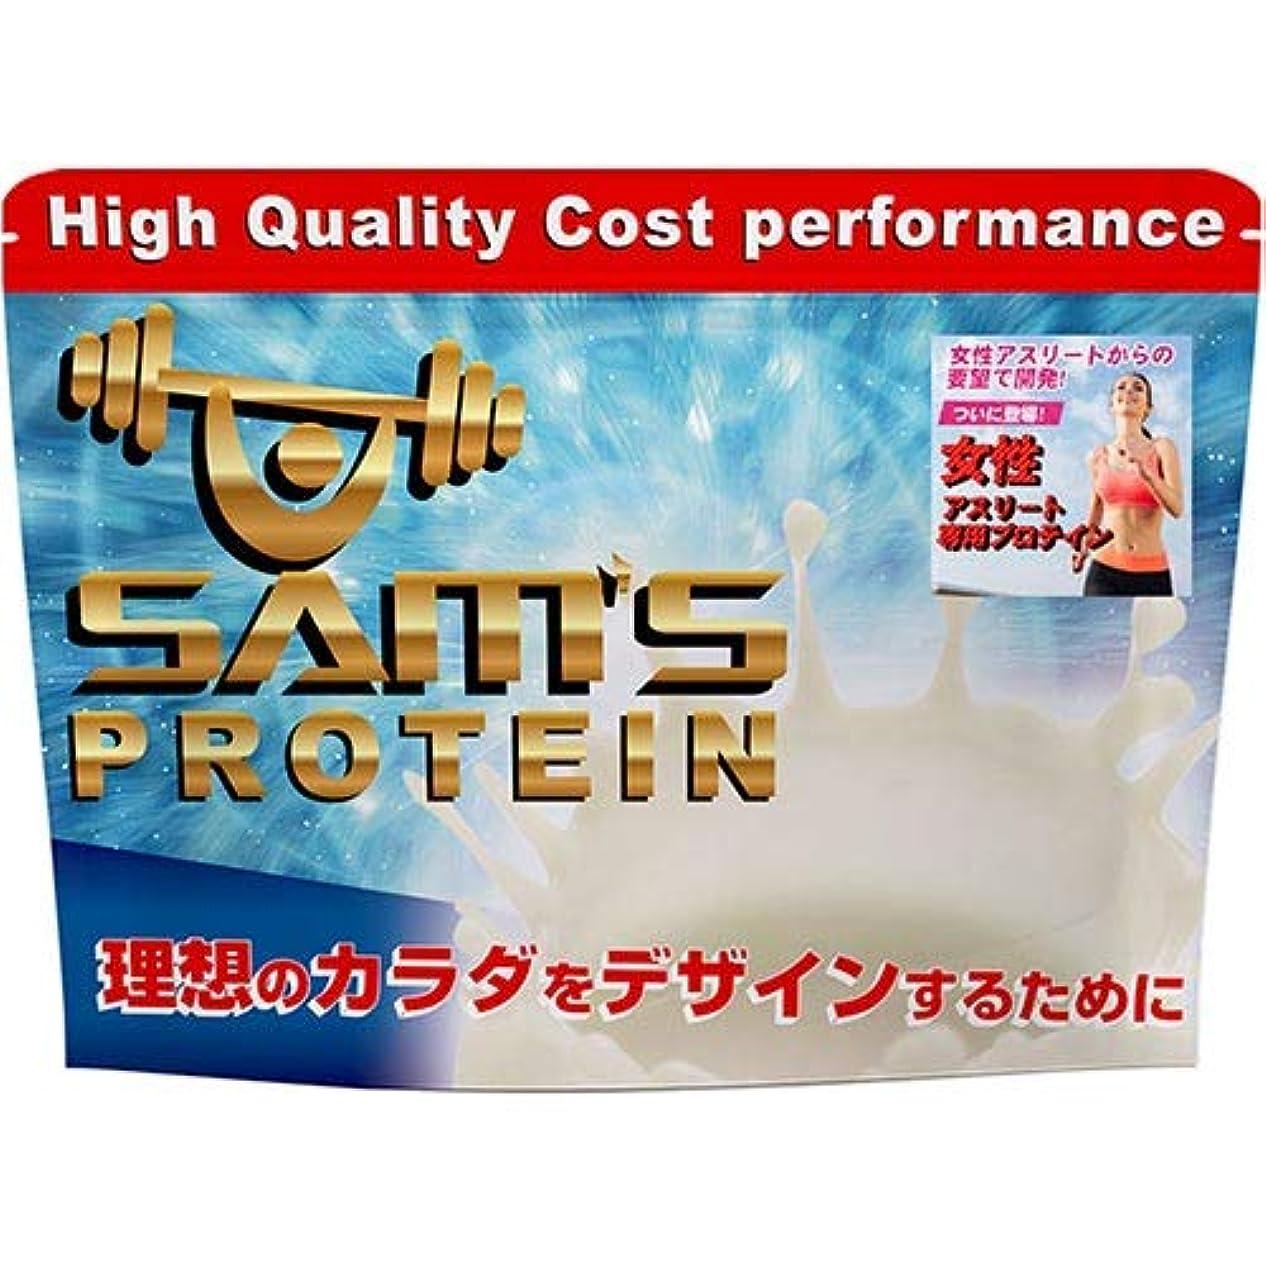 繕うコマンドモロニックサムズプロテイン ホエイプロテイン 女性アスリートのためのパワープロテインUP 1kg ピーチ味